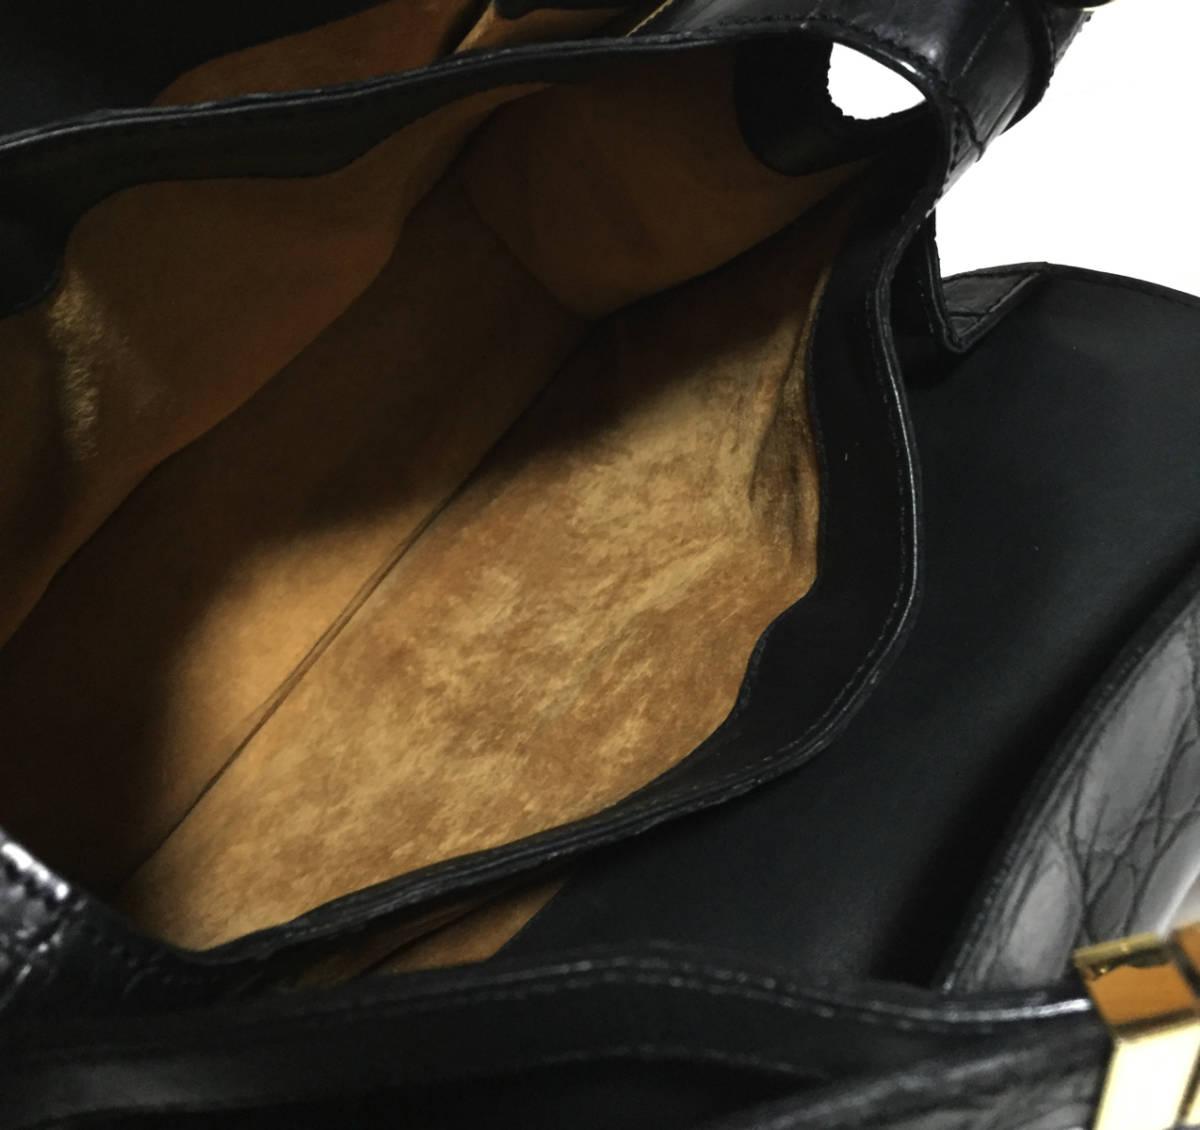 美品 イタリア製 MAURO GOVERNA マット クロコダイル レザー ハンドバッグ ショルダーバッグ ブラック マウロゴヴェルナ ワニ革_画像8